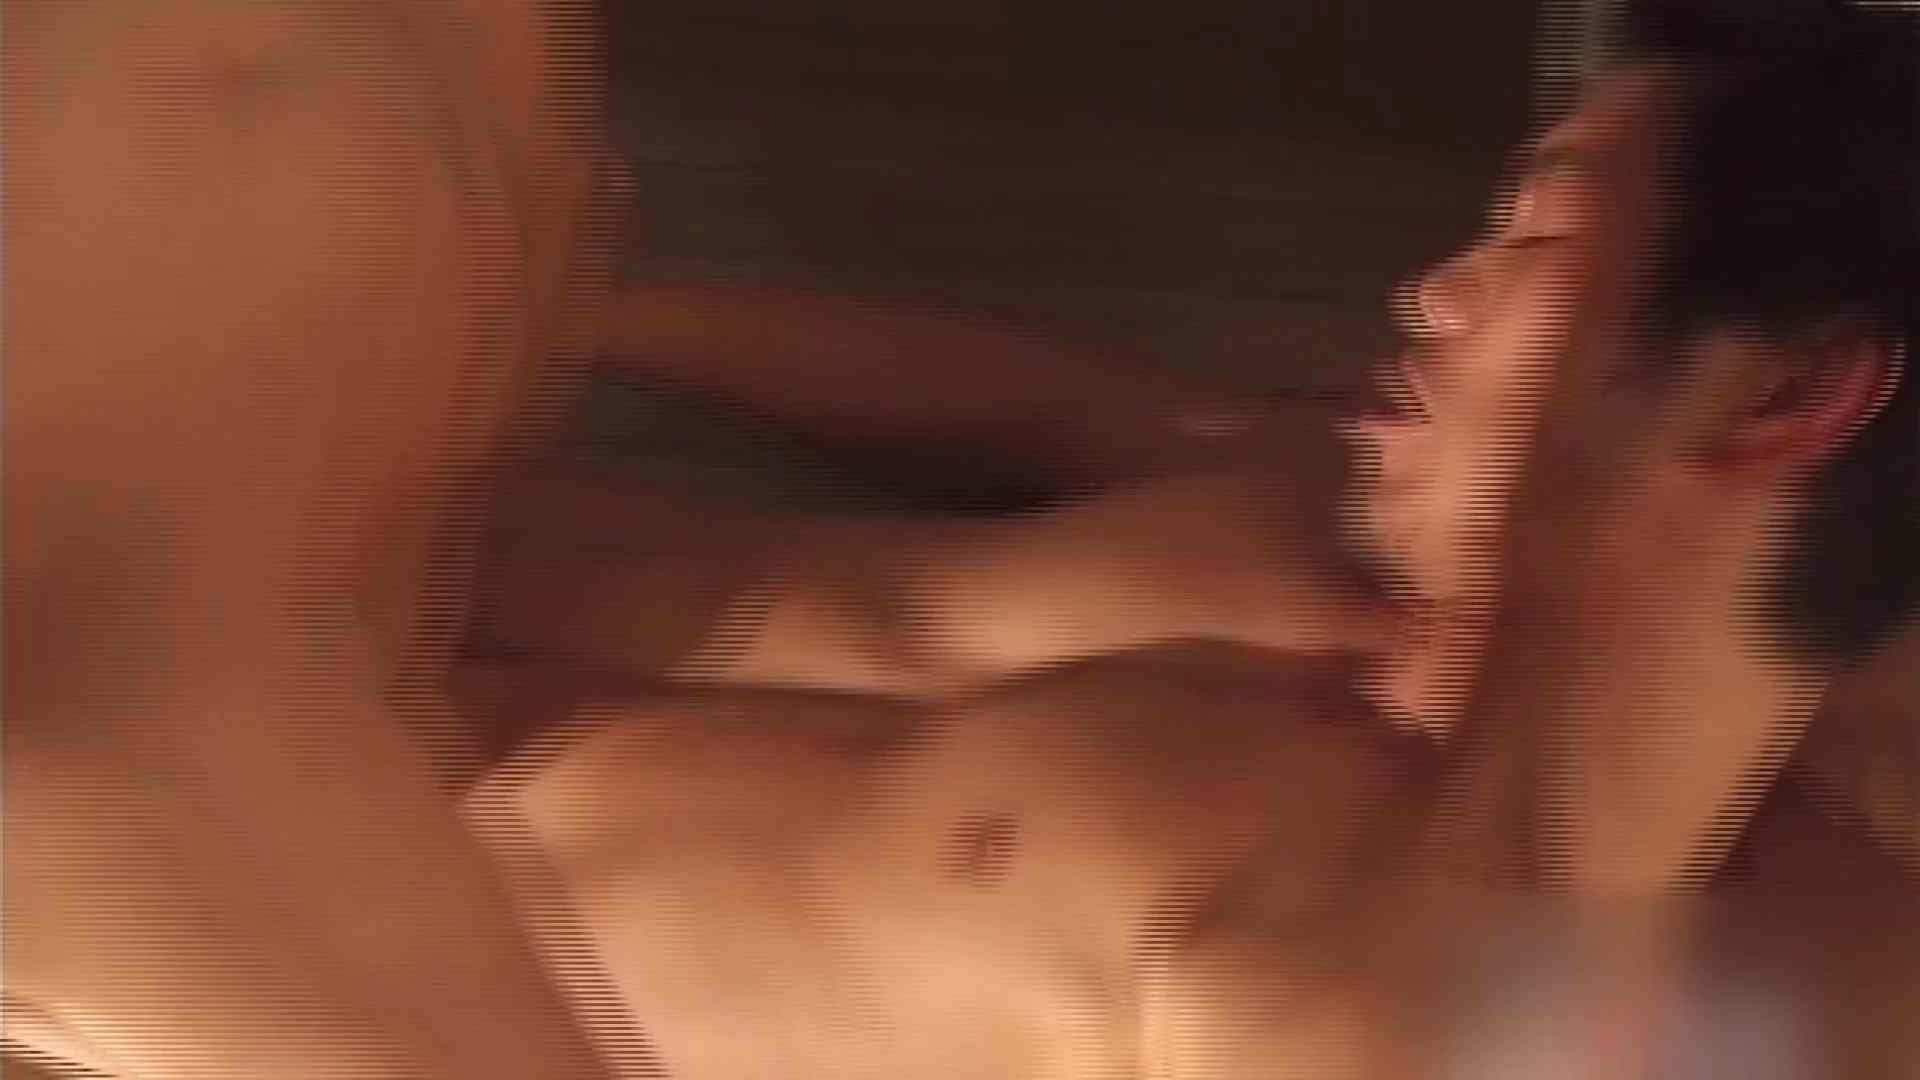 珍肉も筋肉の内!!vol.3 肉まつり ゲイ無修正画像 58pic 54